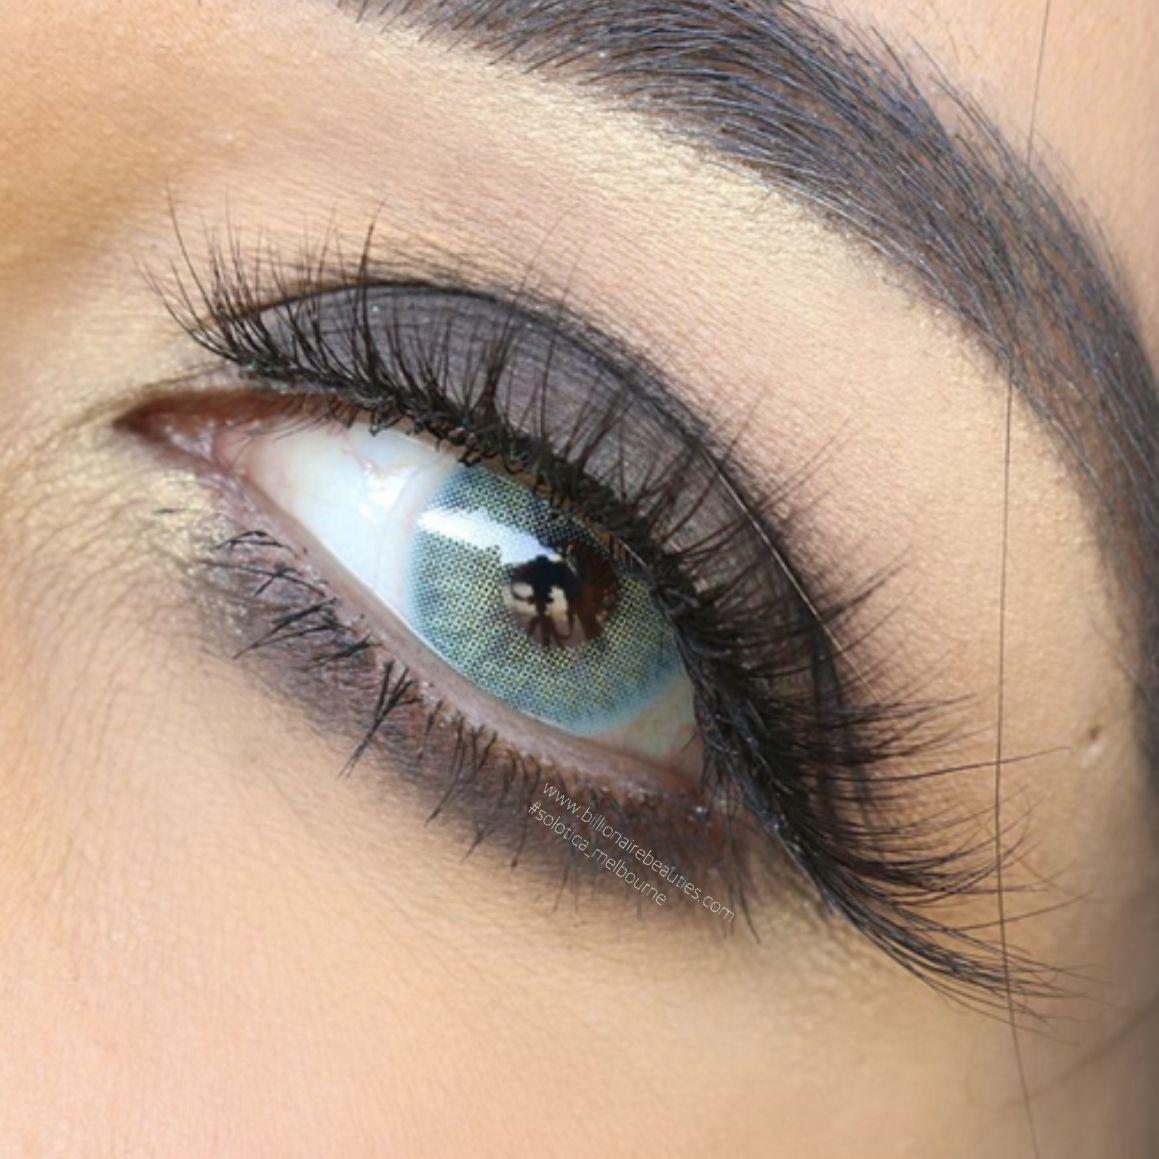 Contacts: Solotica Hidrocor Quartzo Contact Lens. Simple But Elegant